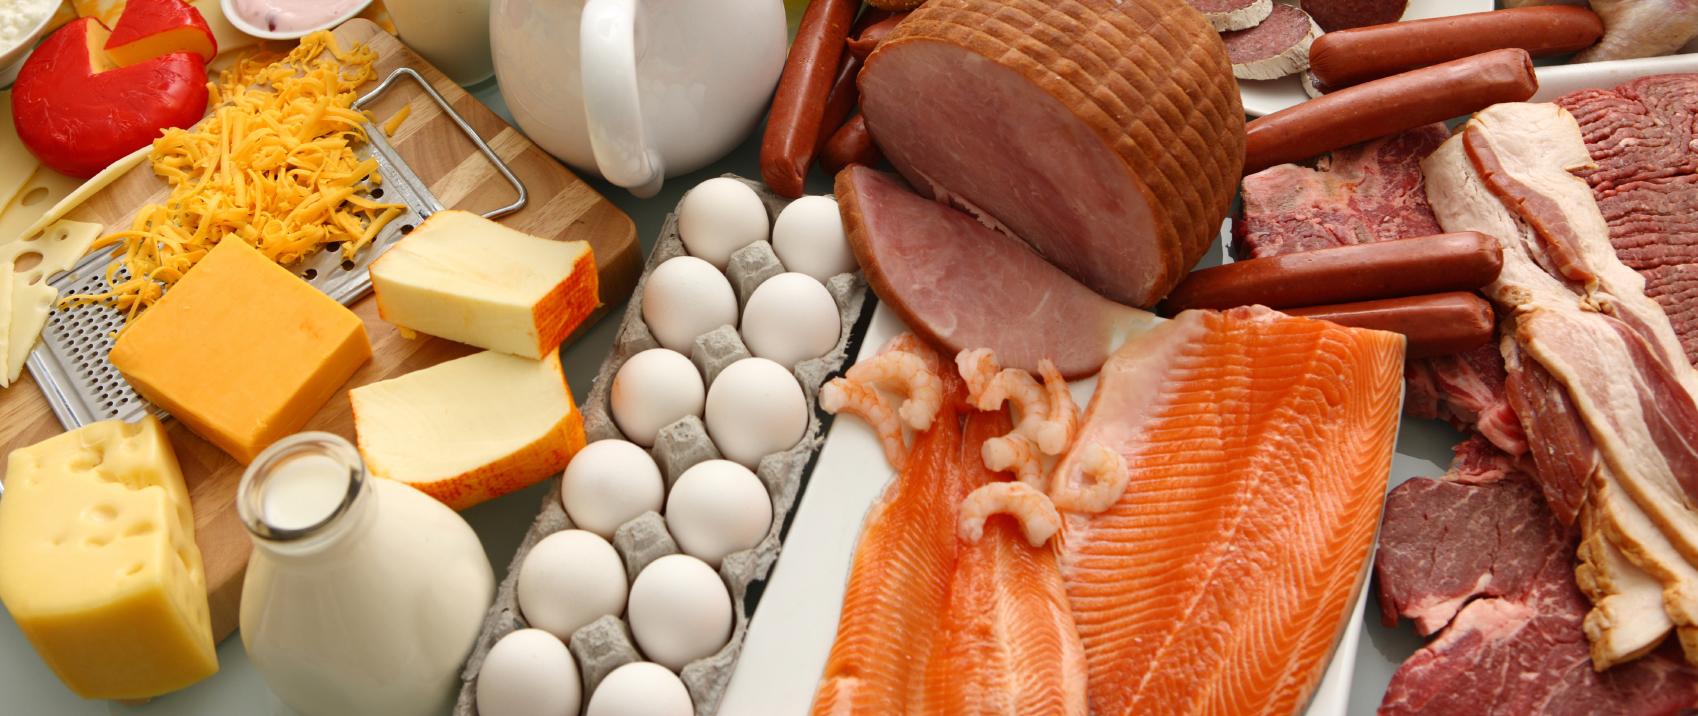 белковая еда для похудения отзывы